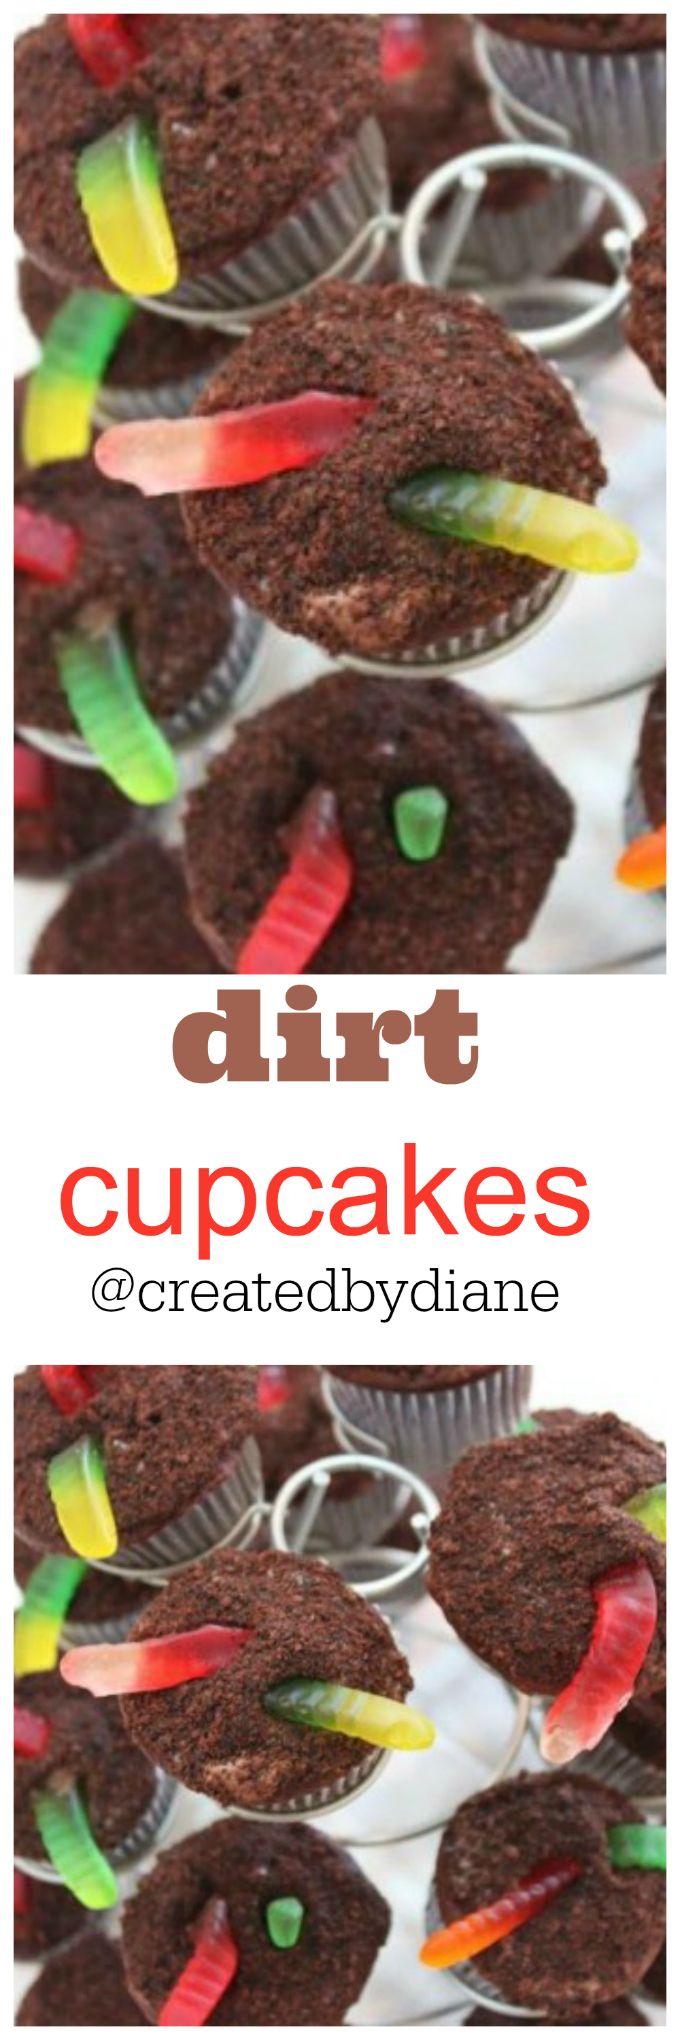 Best 20+ Dirt cupcakes ideas on Pinterest | Fill dirt ...